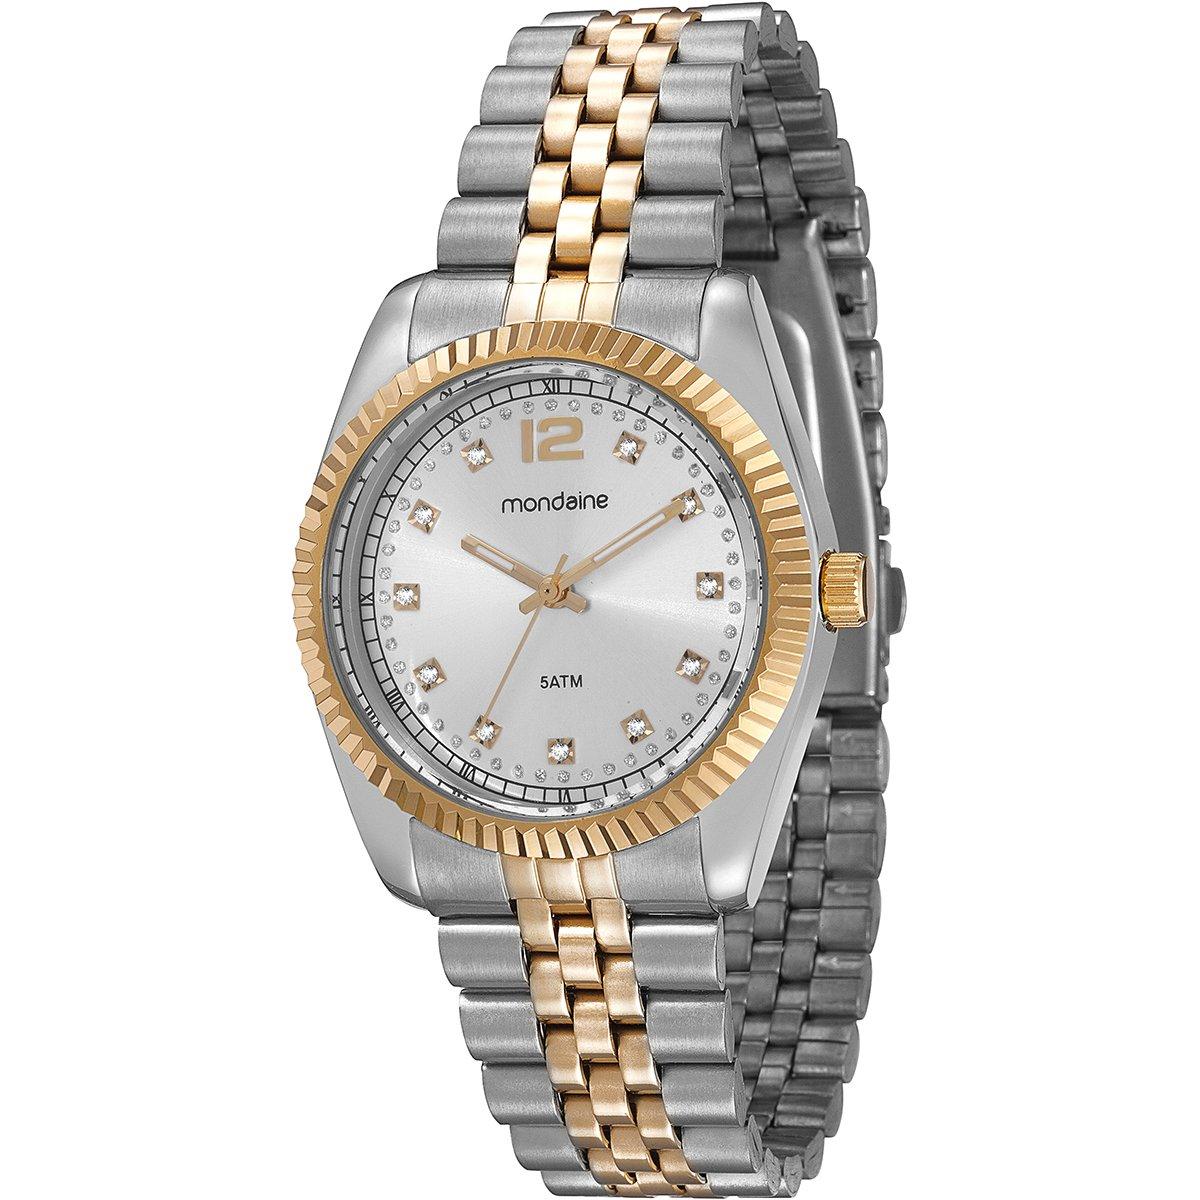 c33a3db7e20 Relógio Mondaine Class Analógico - Compre Agora